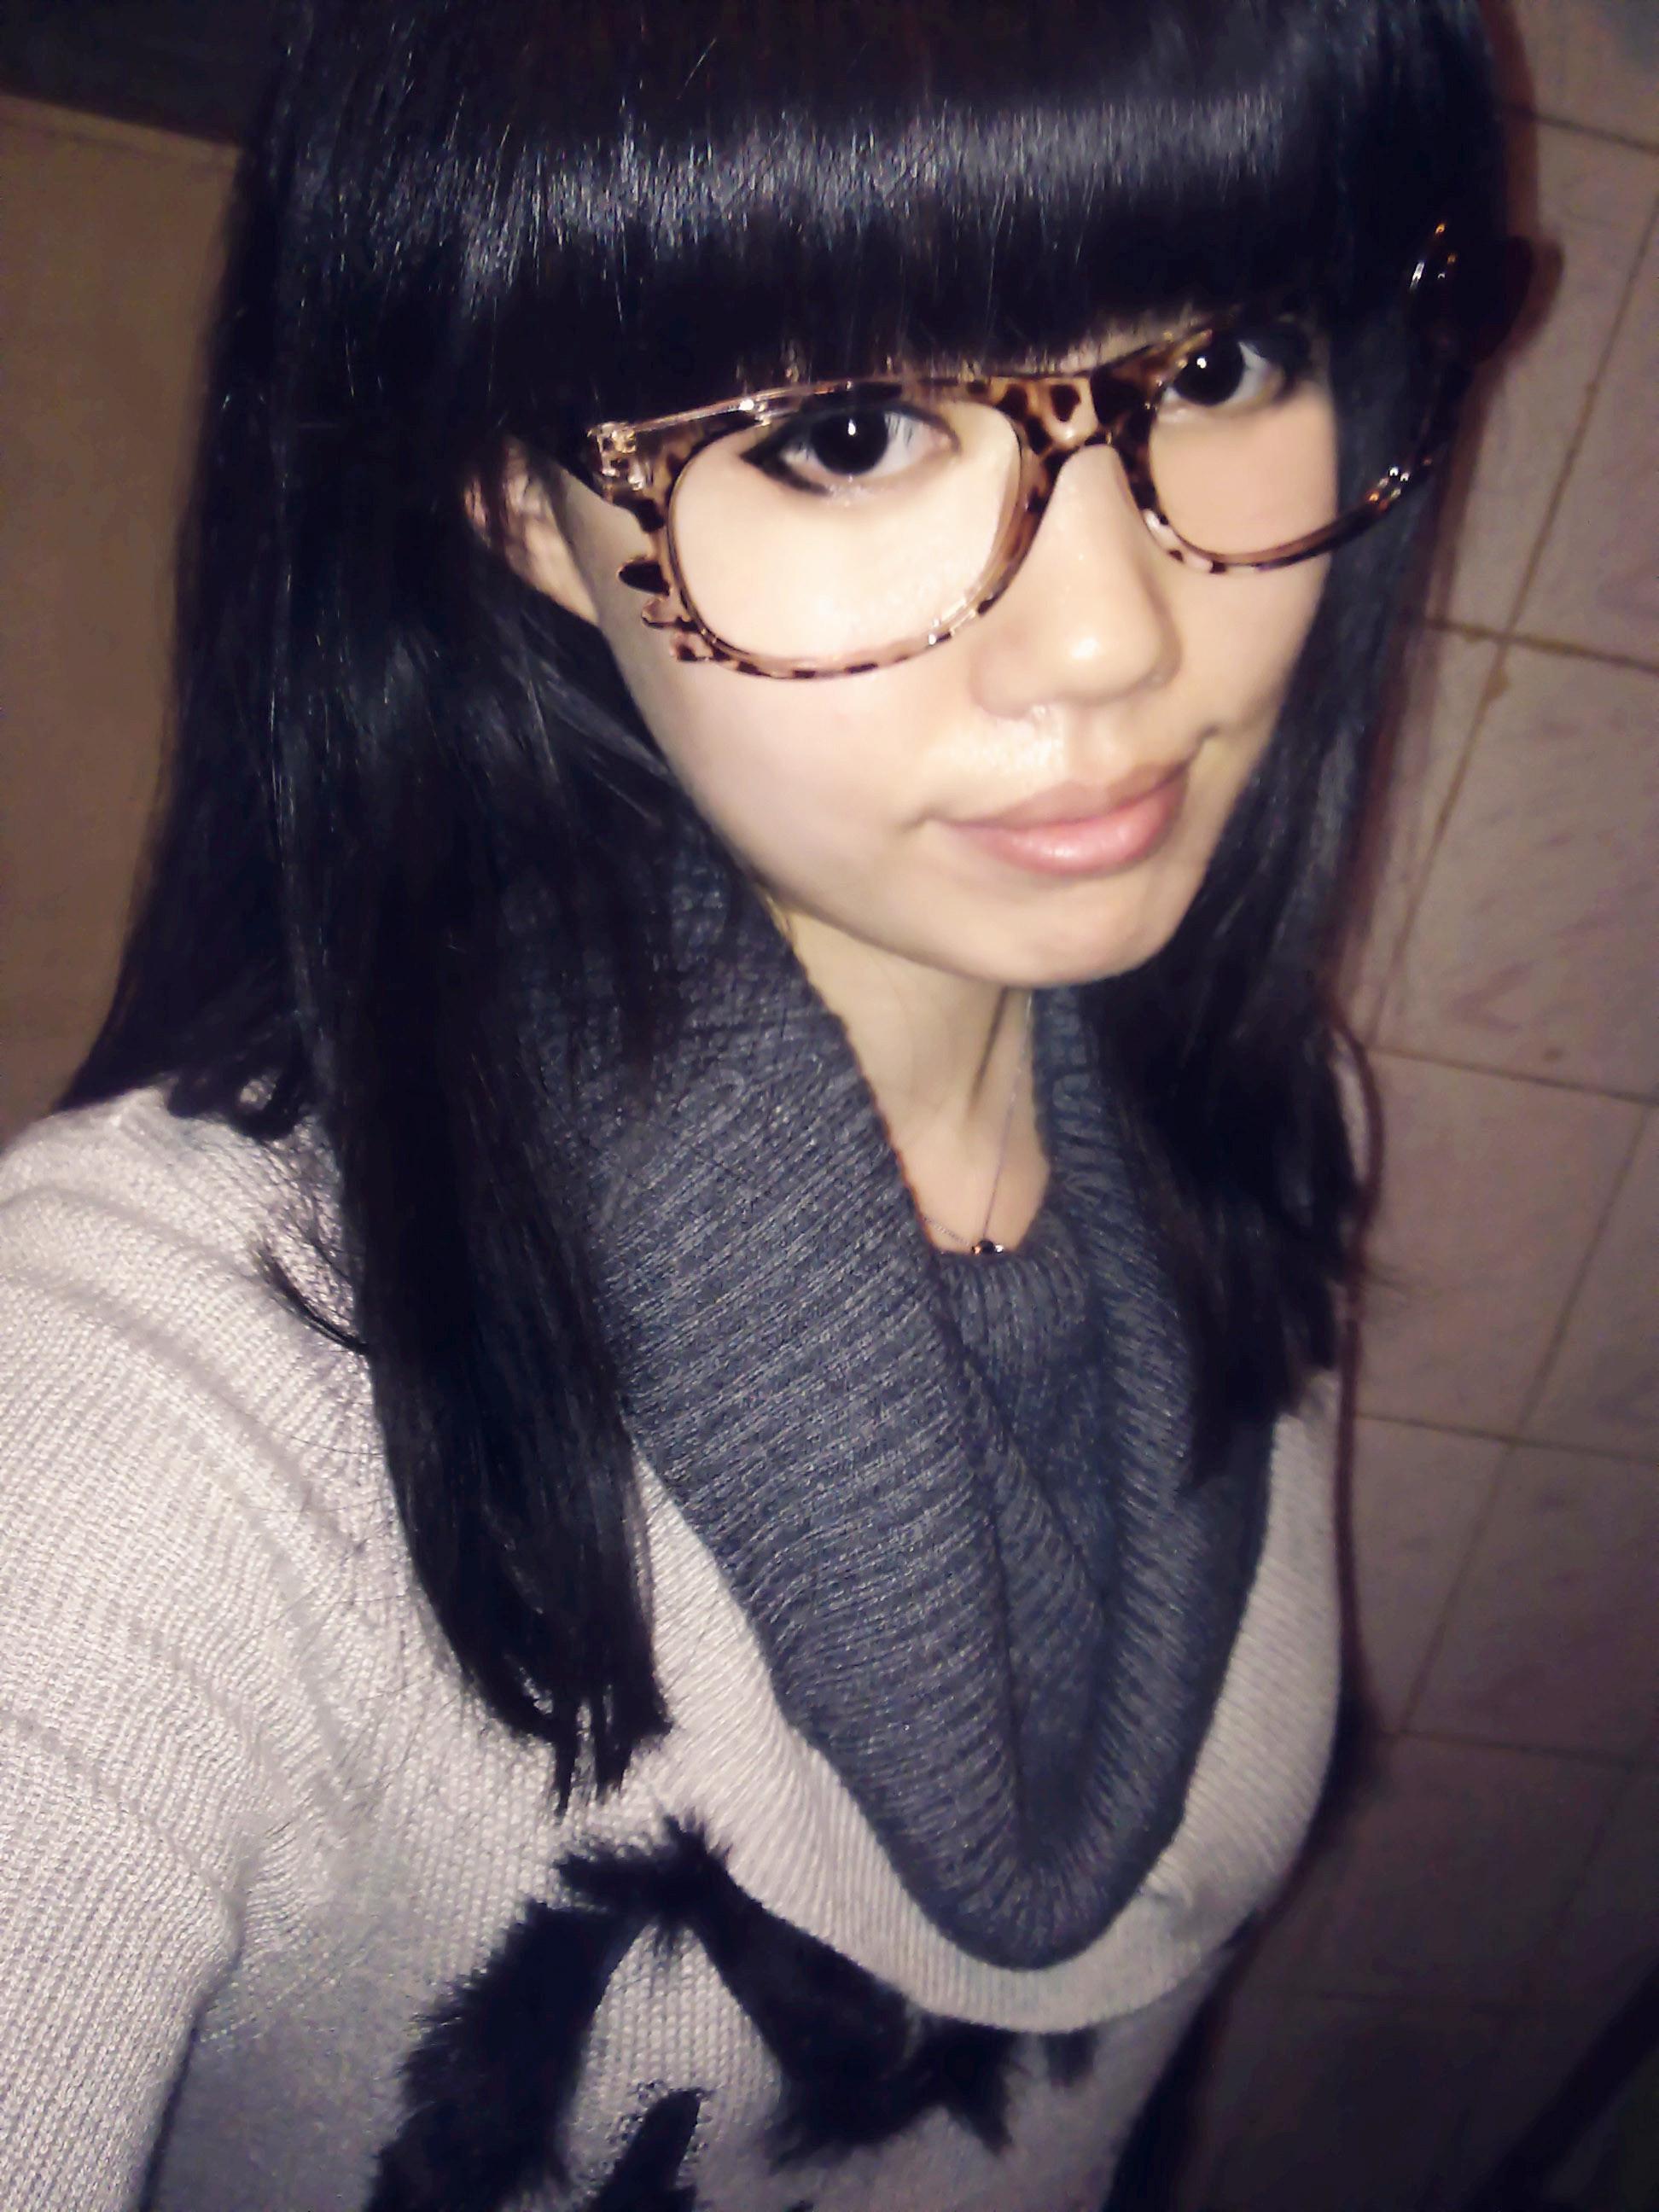 戴眼镜女人生活照